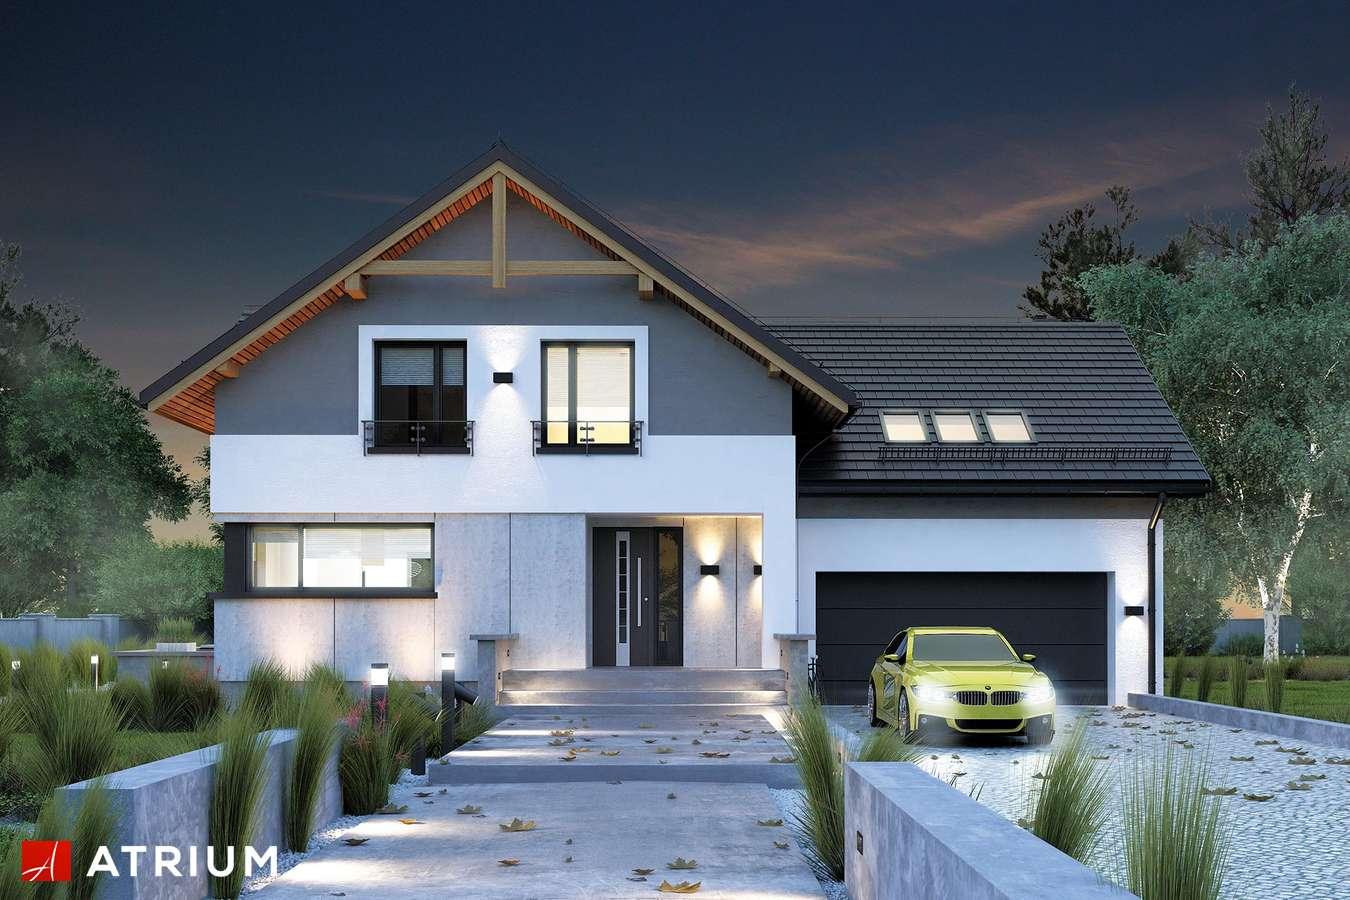 Projekty domów - Projekt domu z poddaszem JUPITER V BIS - wizualizacja 1 - wersja lustrzana